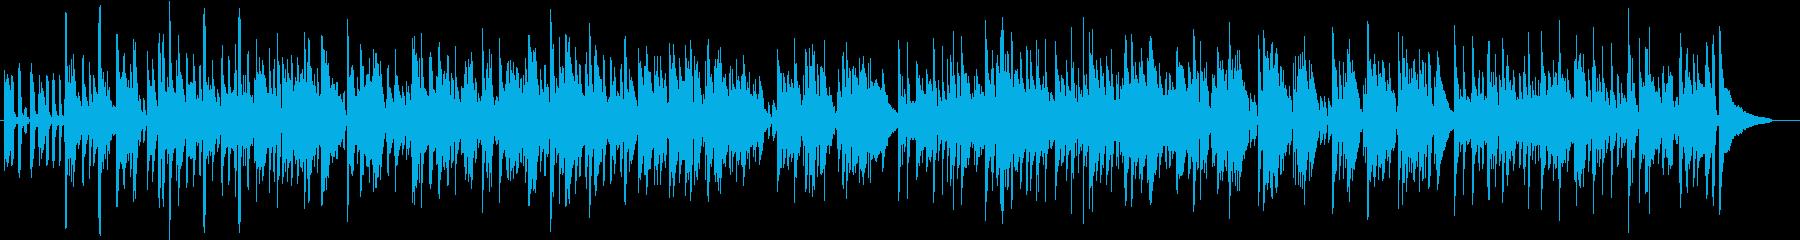 軽快で爽やかなアコギ生演奏の再生済みの波形